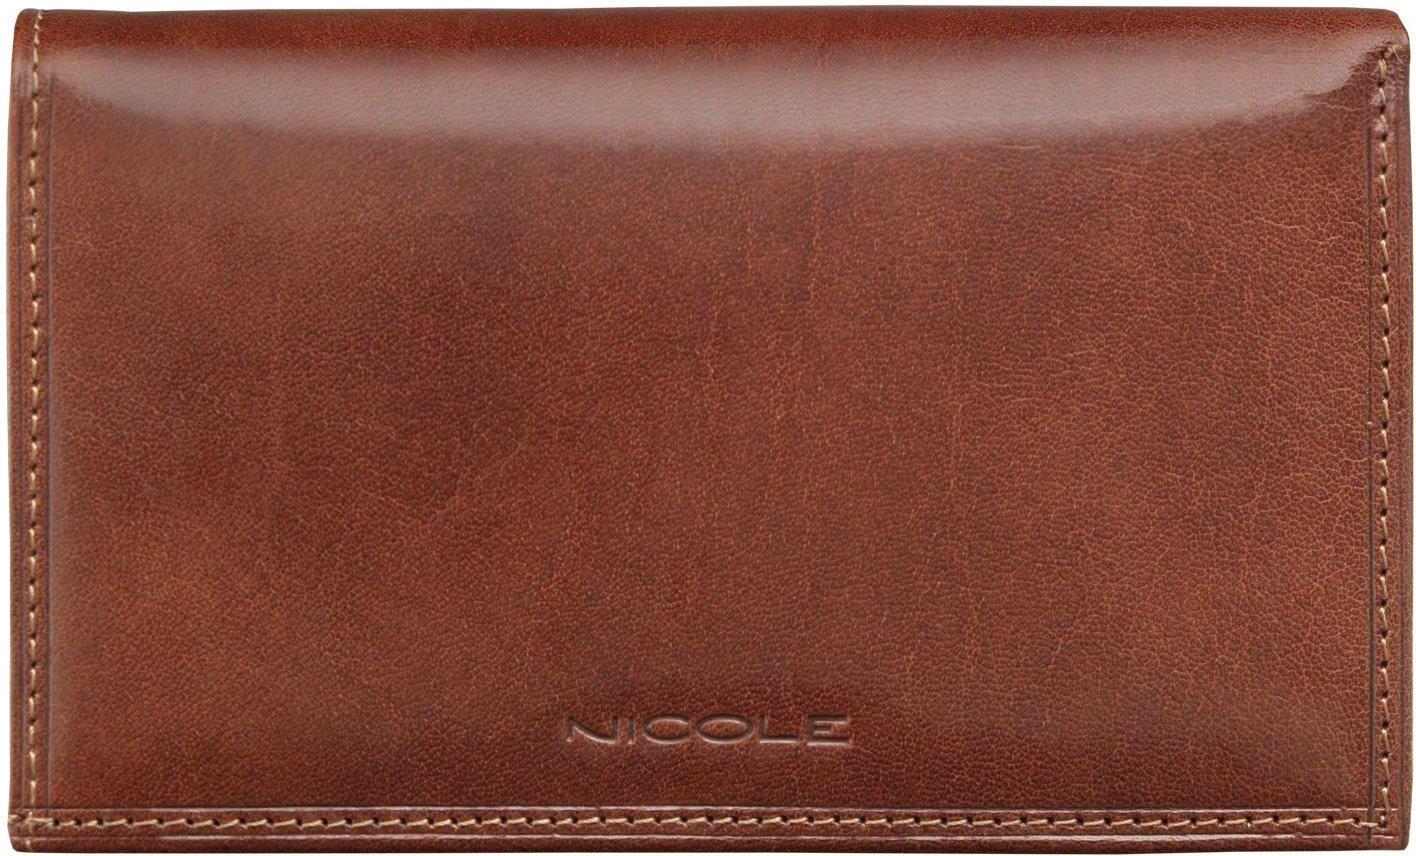 d8457667c55fd NICOLE portfel damski z prawdziwej Włoskiej Skóry - Ceny i opinie ...